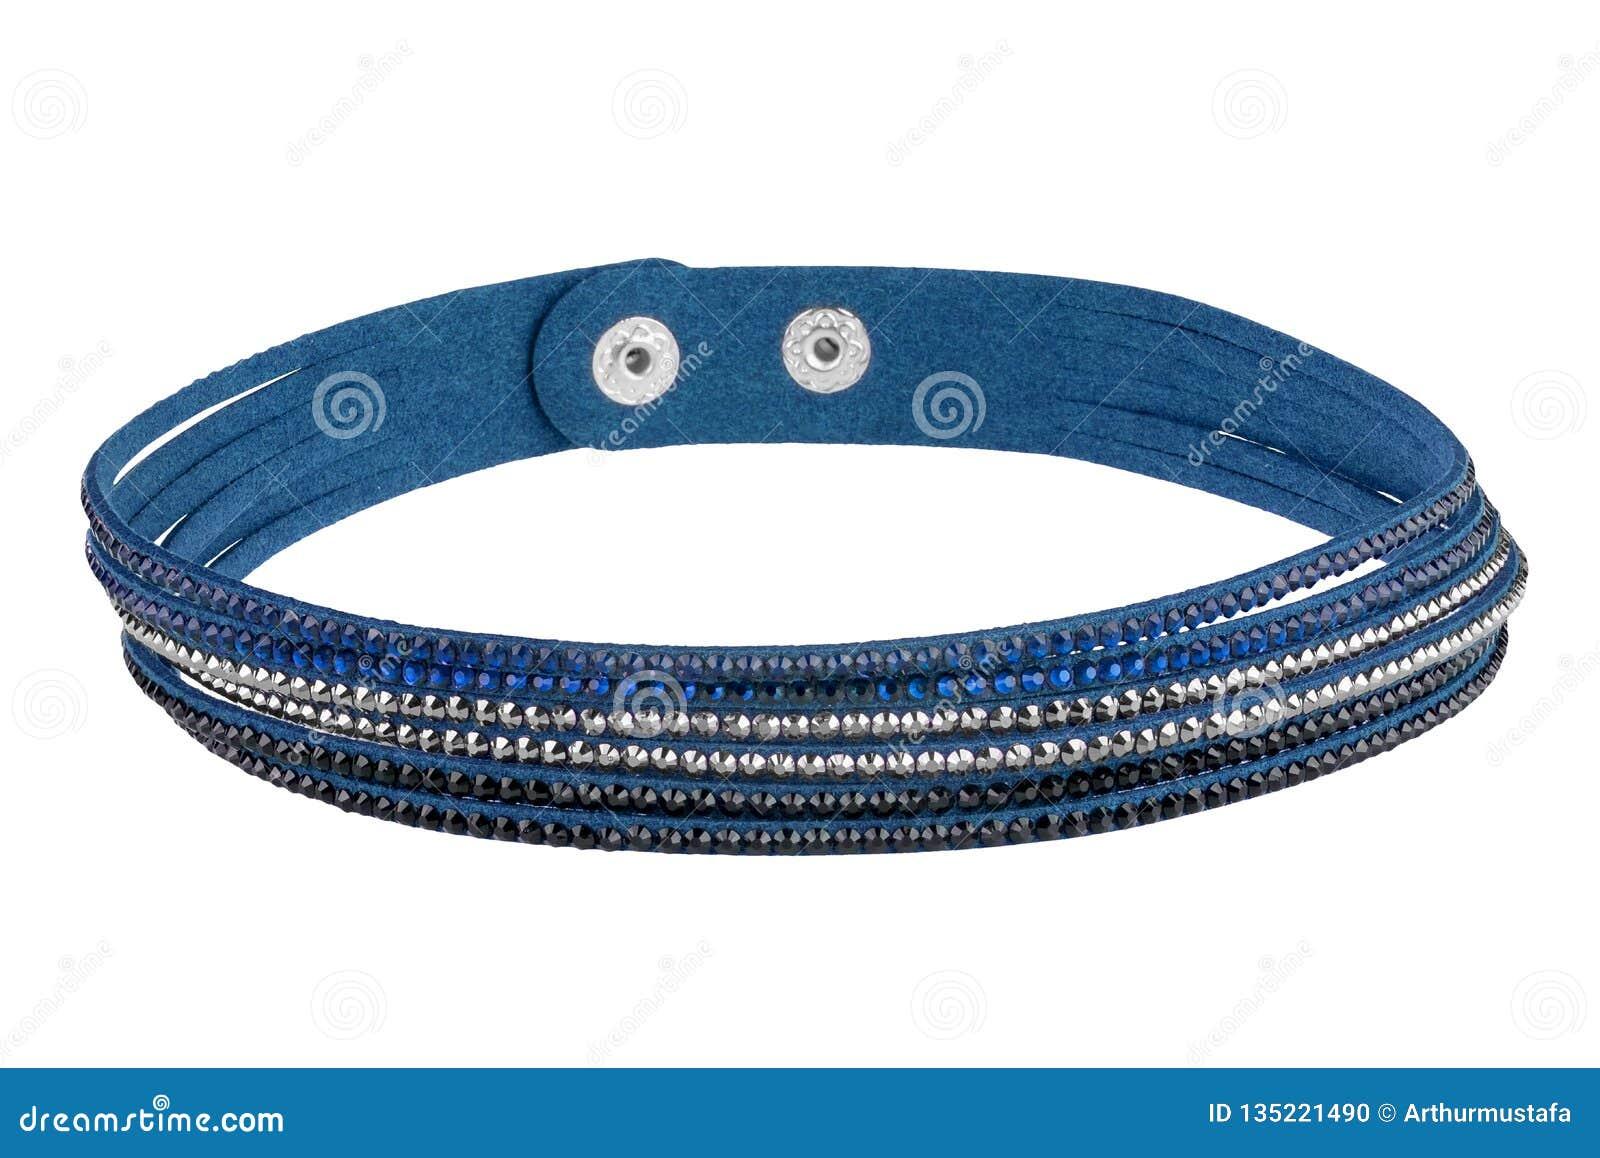 Регулируемый голубой браслет ткани с 3 типами драгоценных камней, изолированными на белой предпосылке, путь клиппирования включил